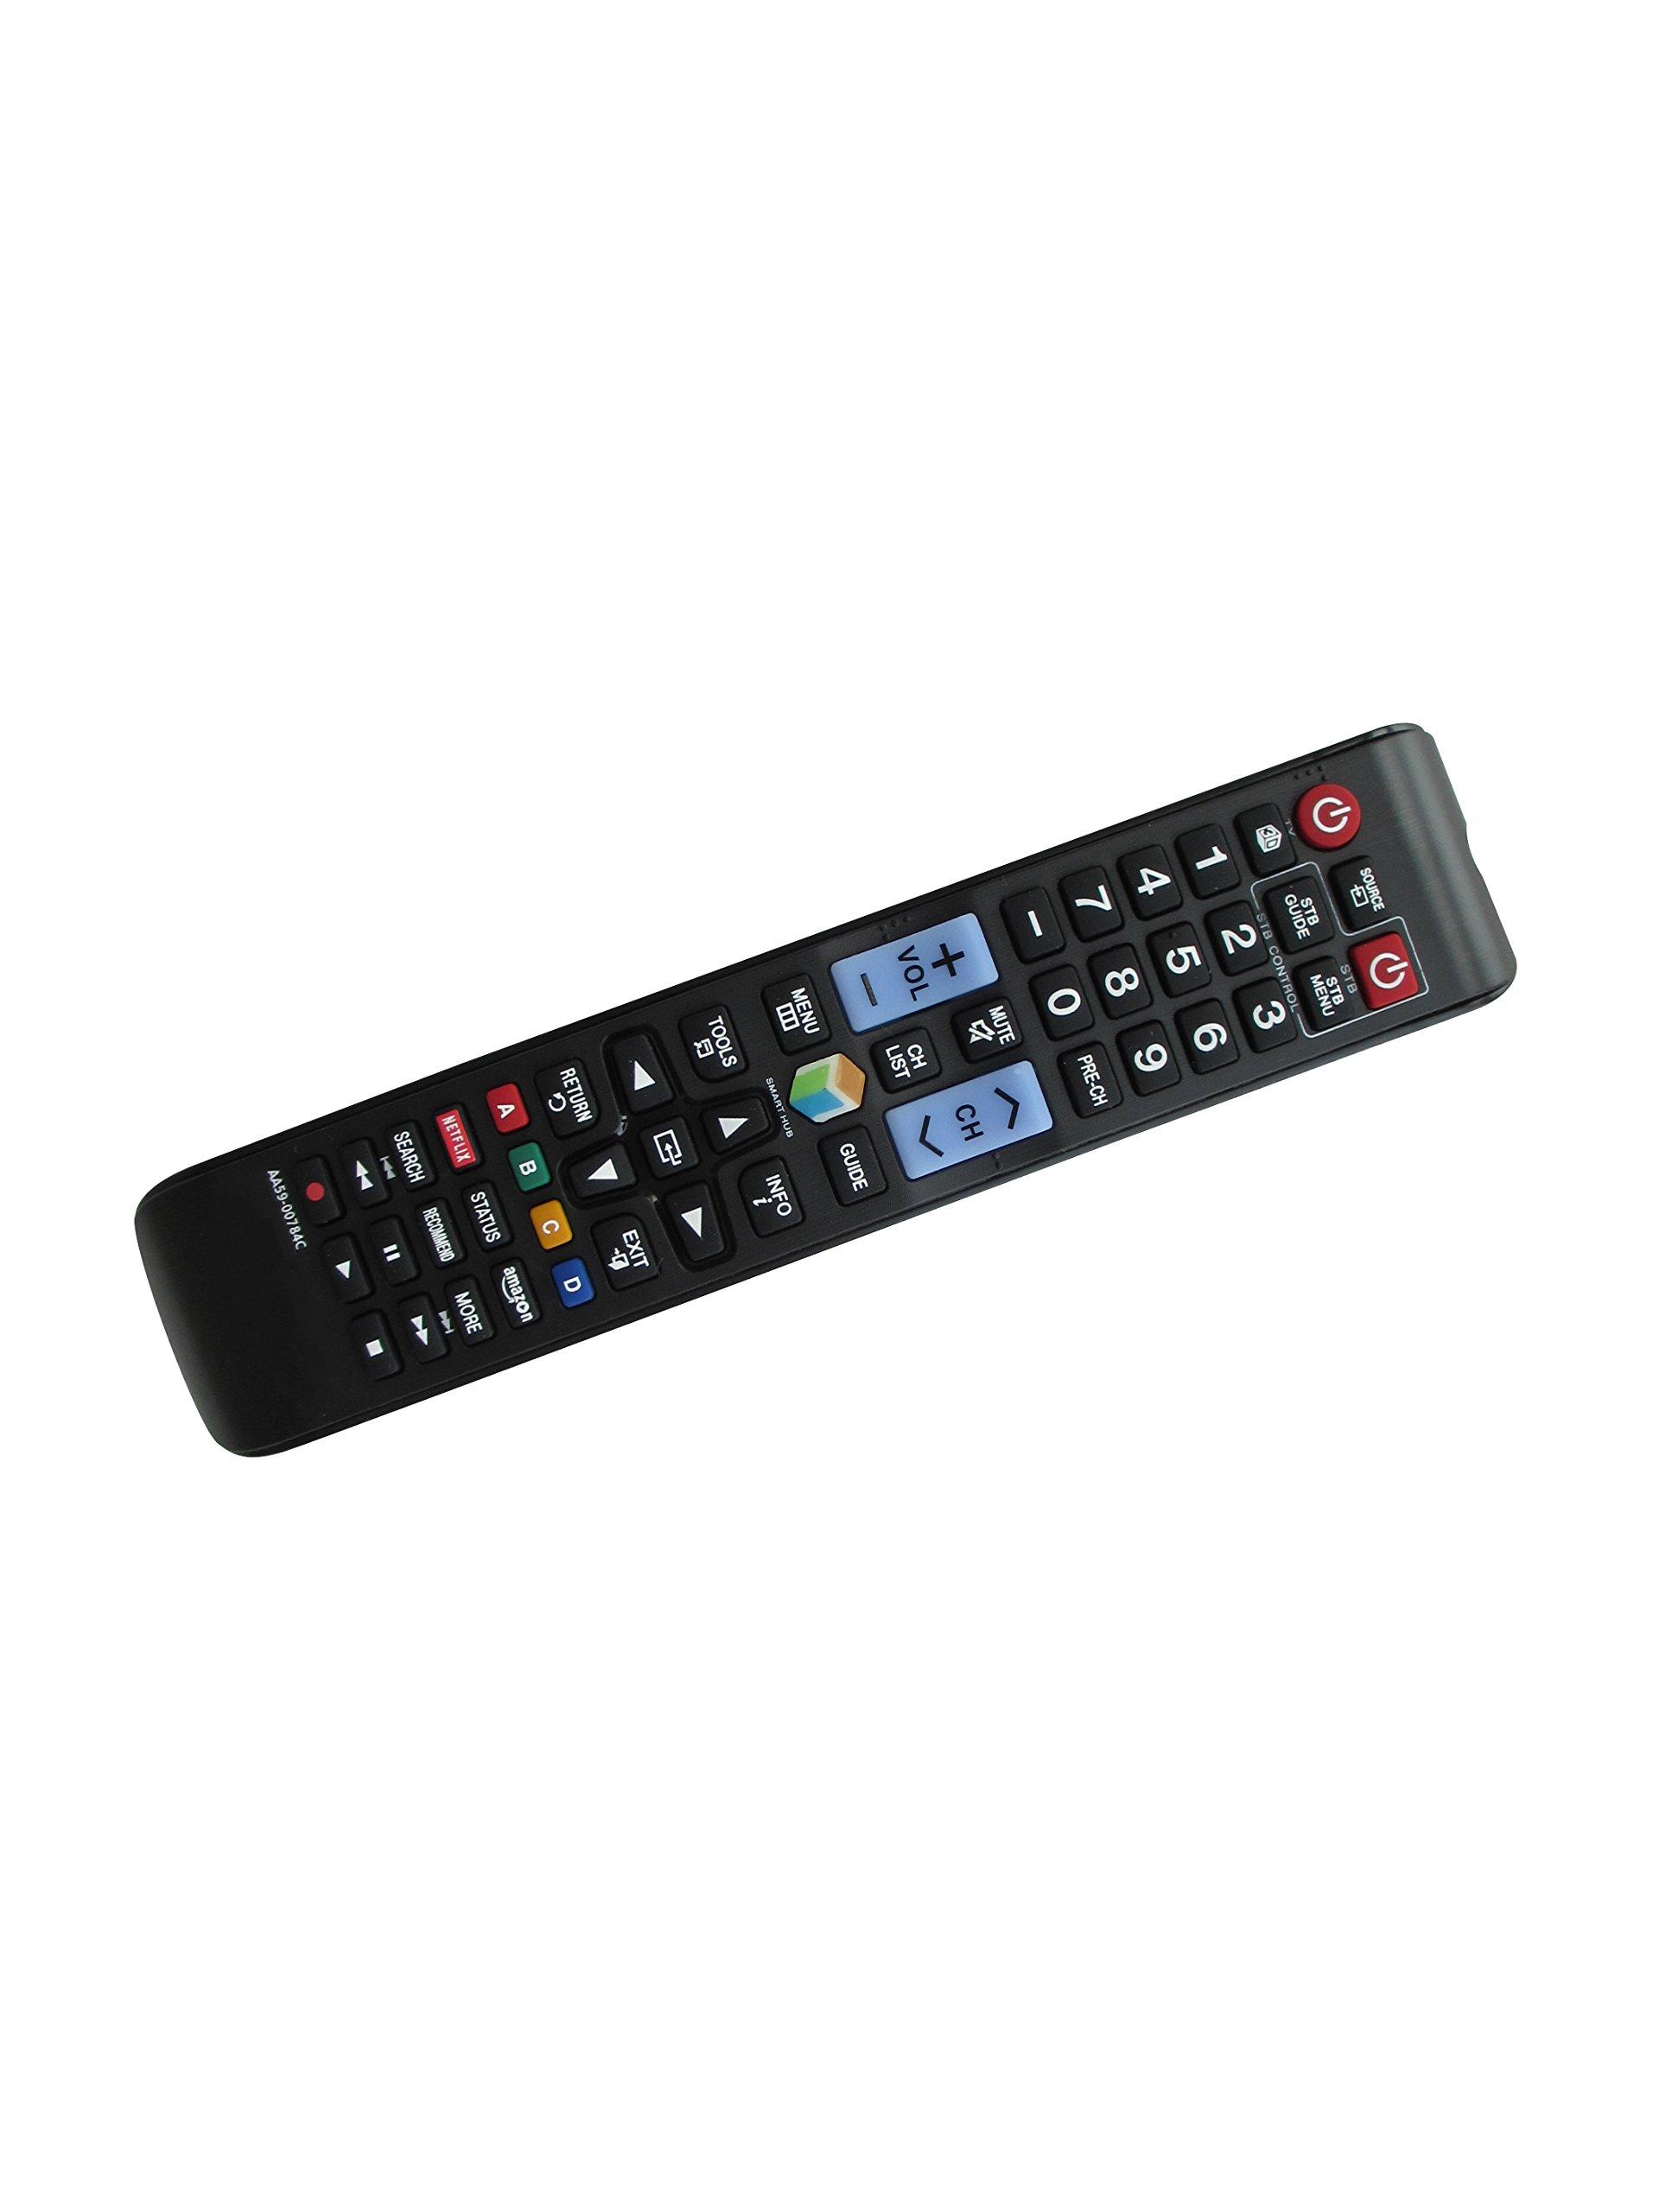 General Remote Control For Samsung UN46C7000 UN40JU650DF PN50C8000YFXZA UN55D7000 UN60D6400 UN60D8000 UN48JS9000FXZA UN65JS9000F UN48JS8500 UN65JS8500 Curved 4K SUHD Ultra HD 3D Smart LED HDTV TV